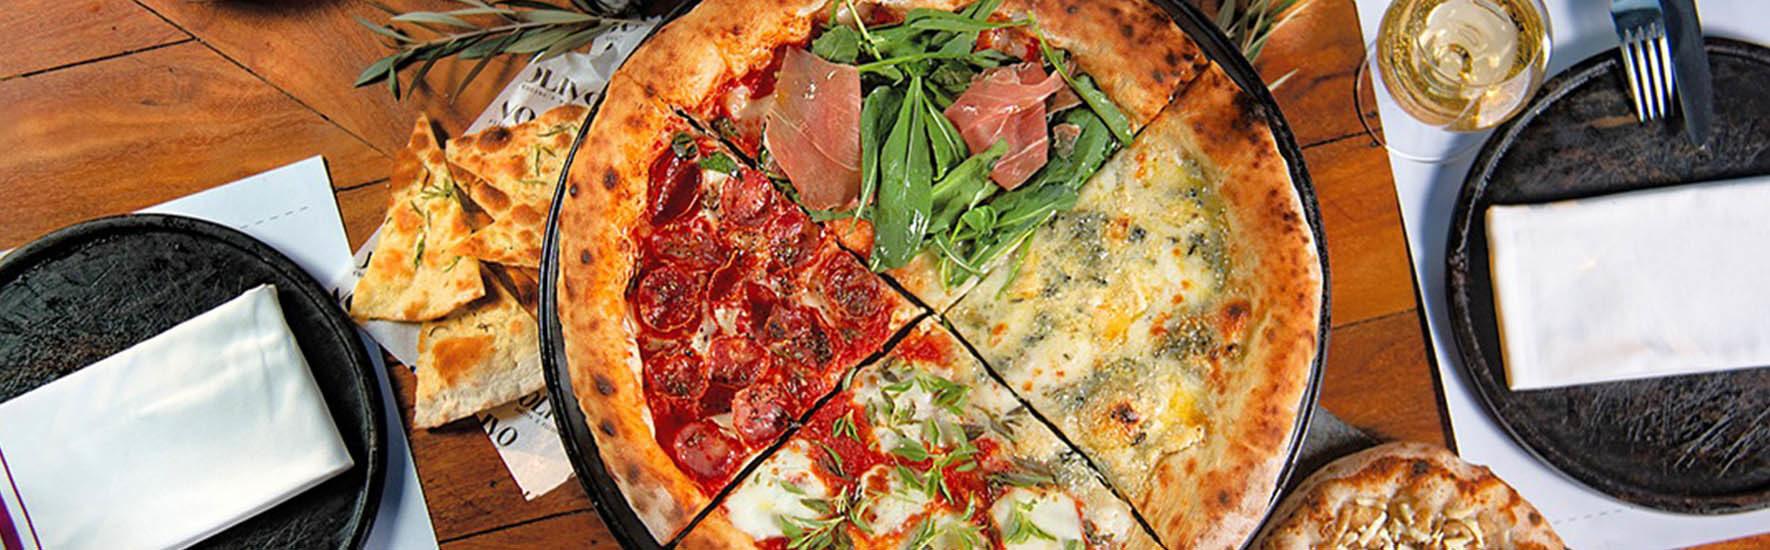 Almoço Executivo e Pizza na Pedra agora fazem parte do Restaurante olivo